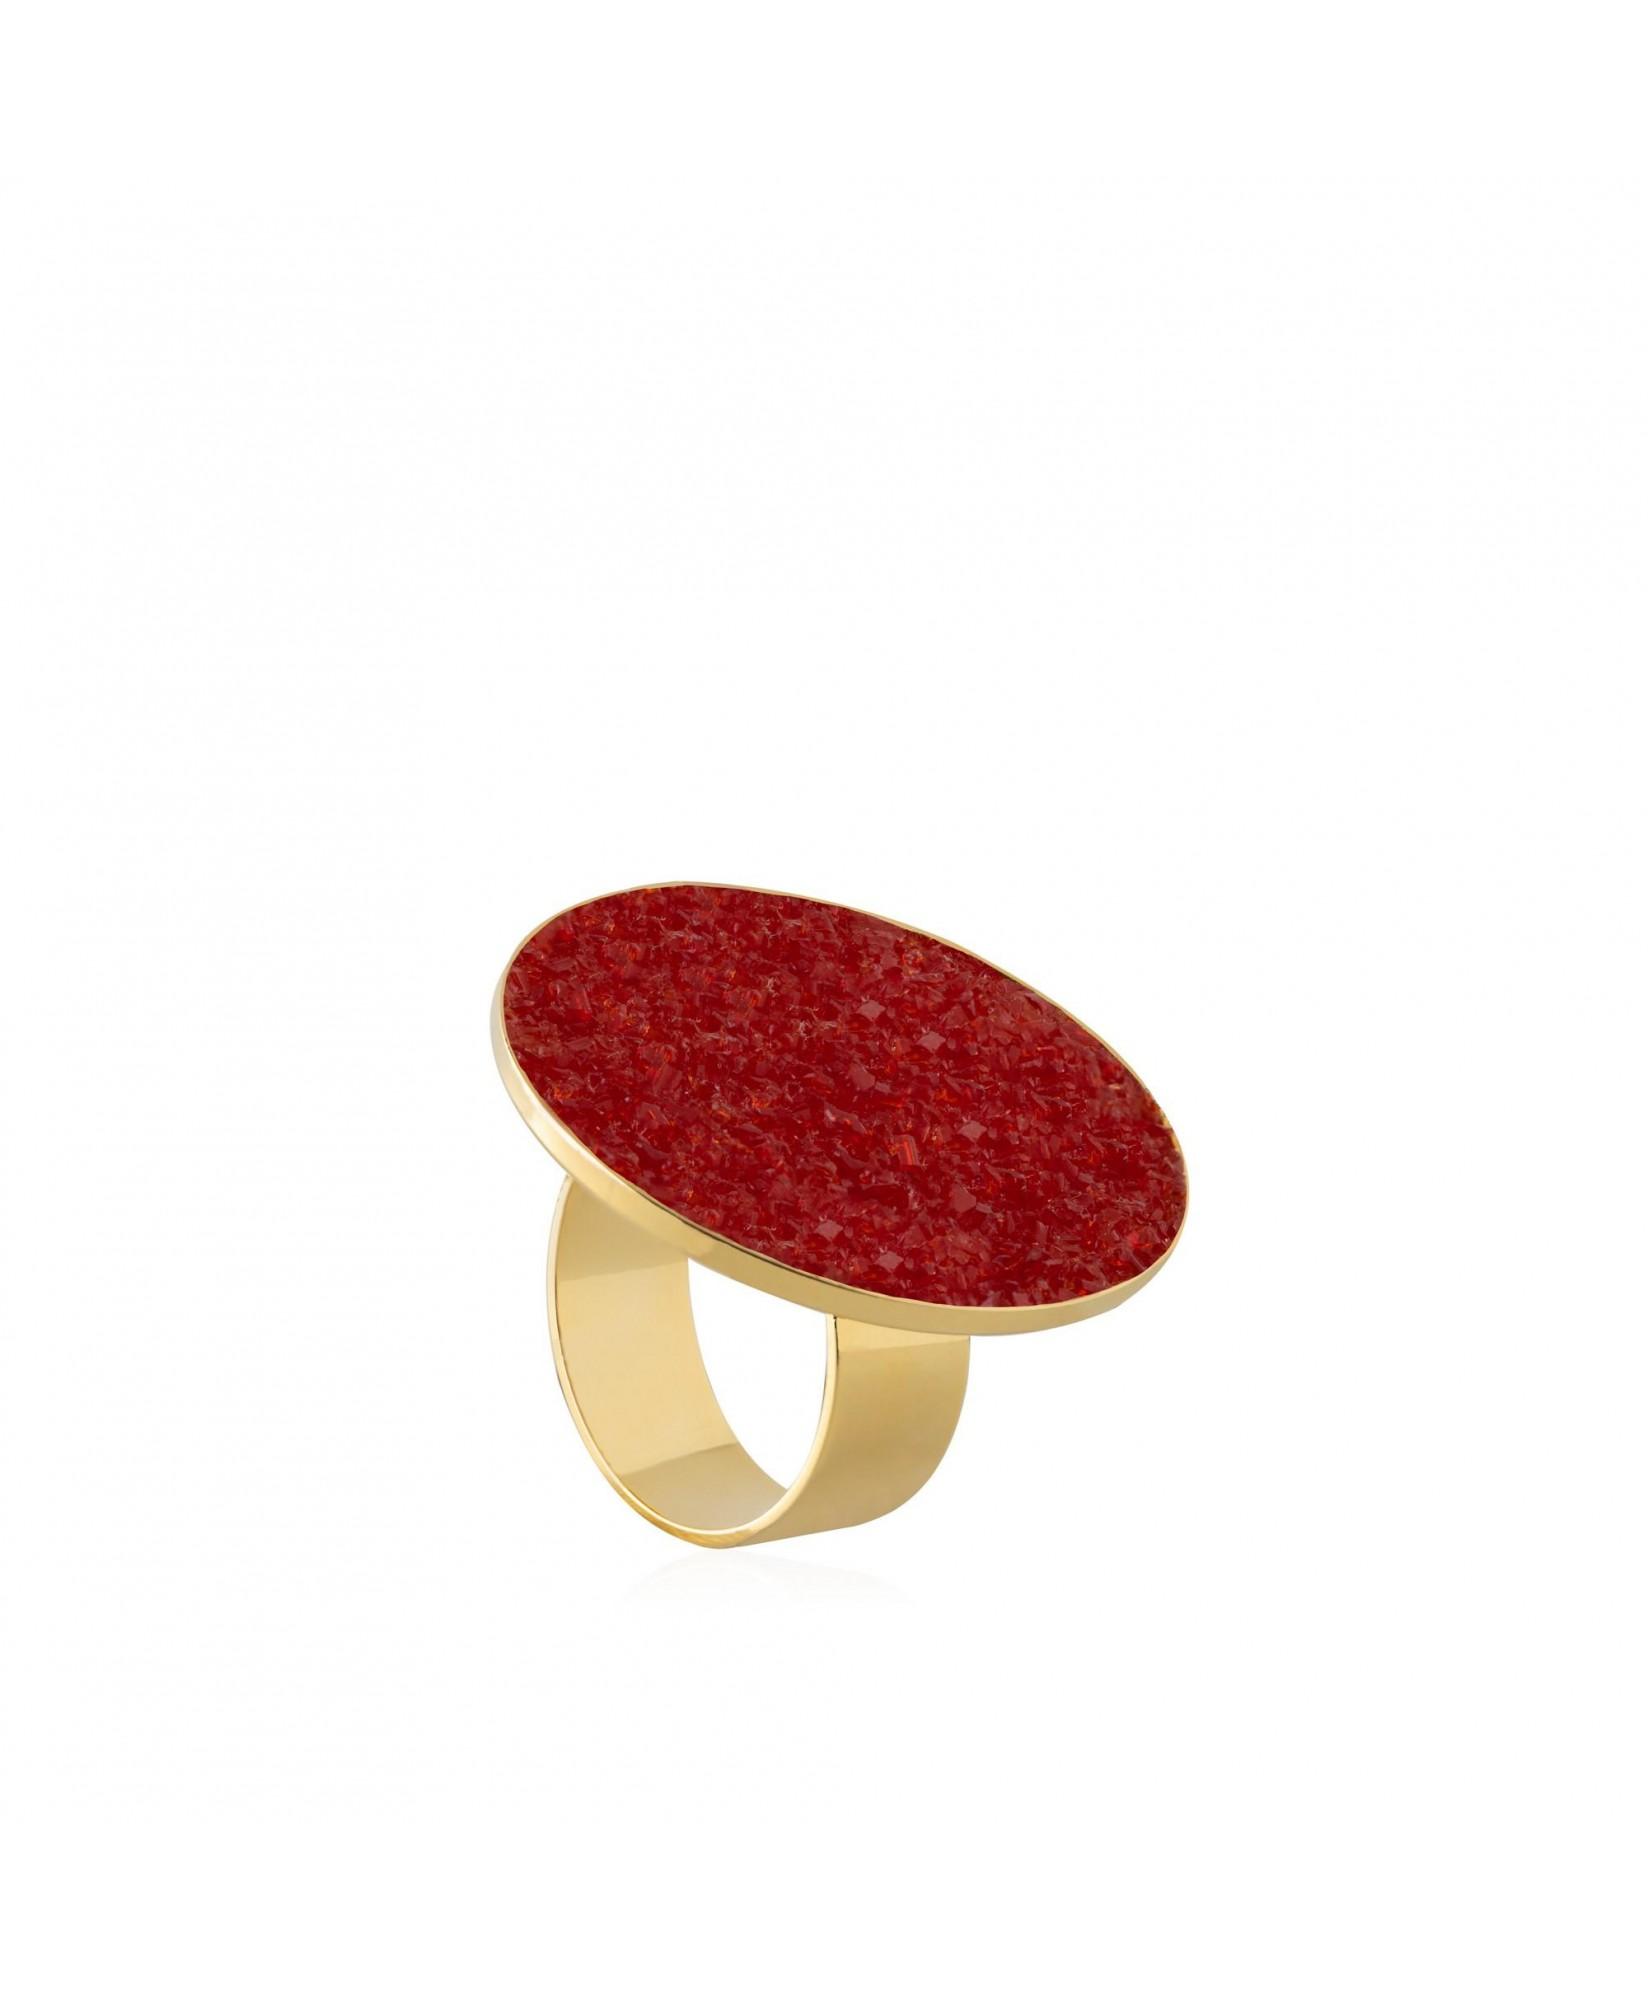 Anillo oro Estia con nácar rojo Anillo oro Estia con nácar rojo